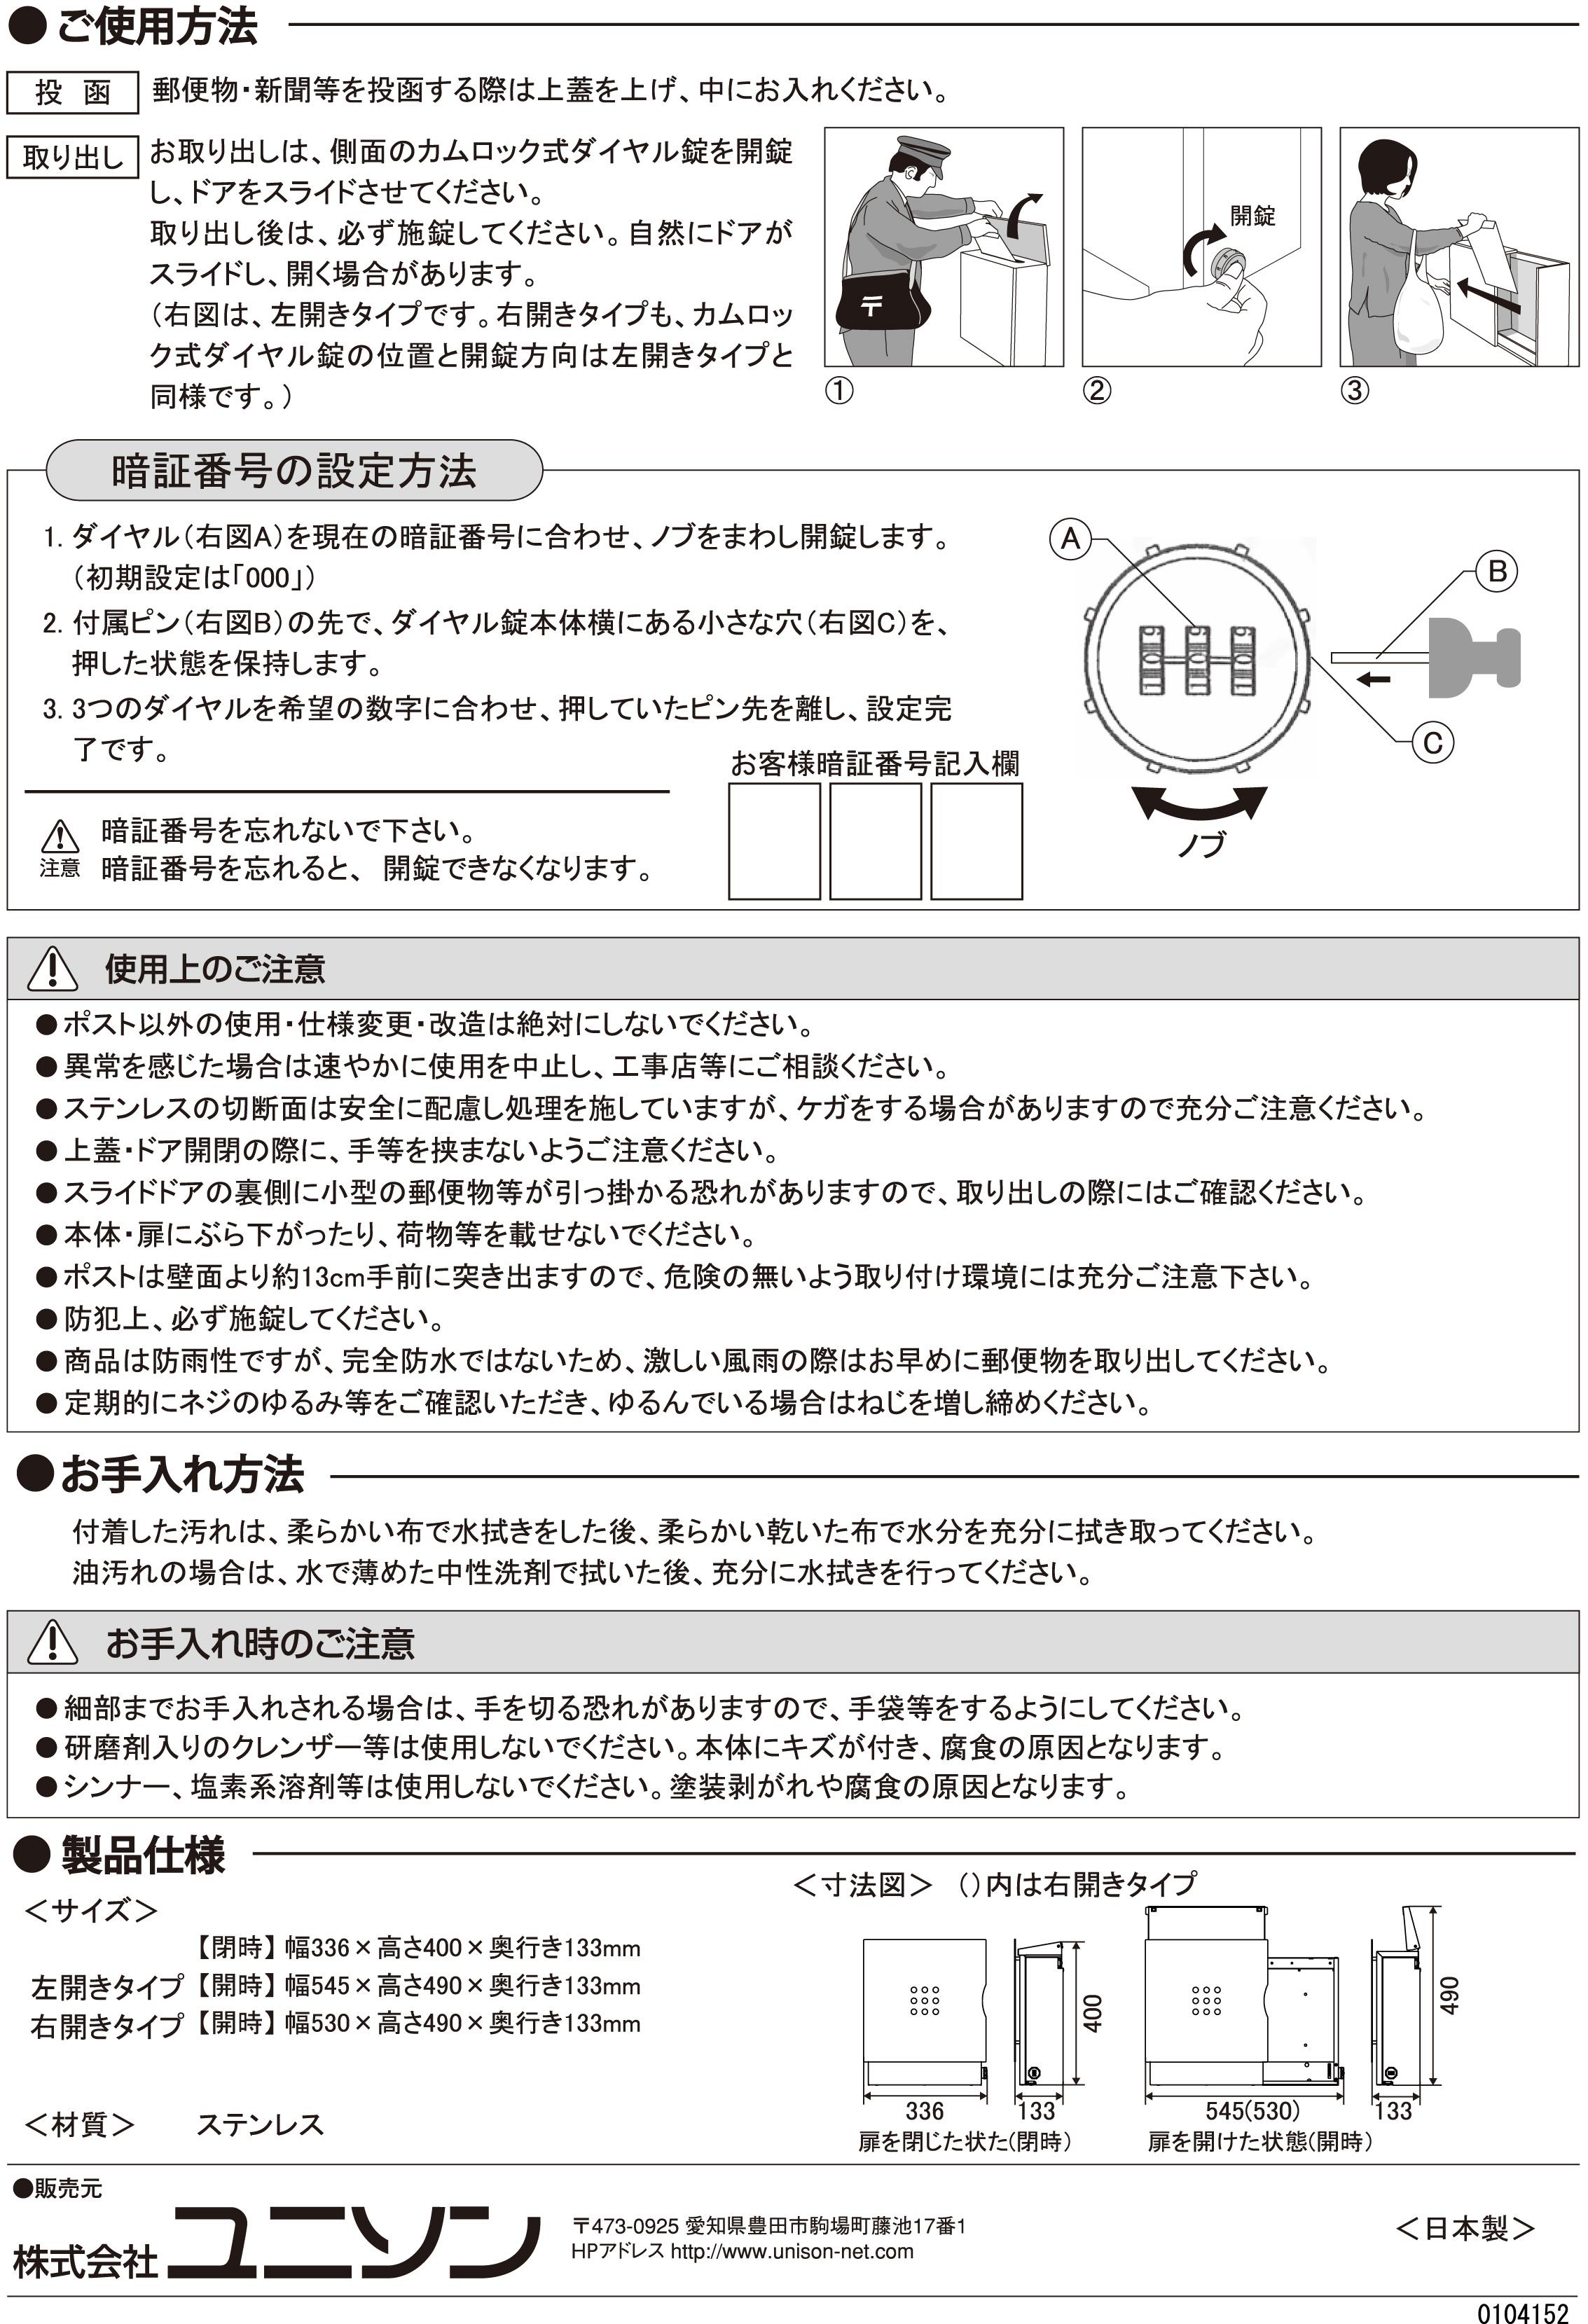 コジャクSD_取扱説明書-2